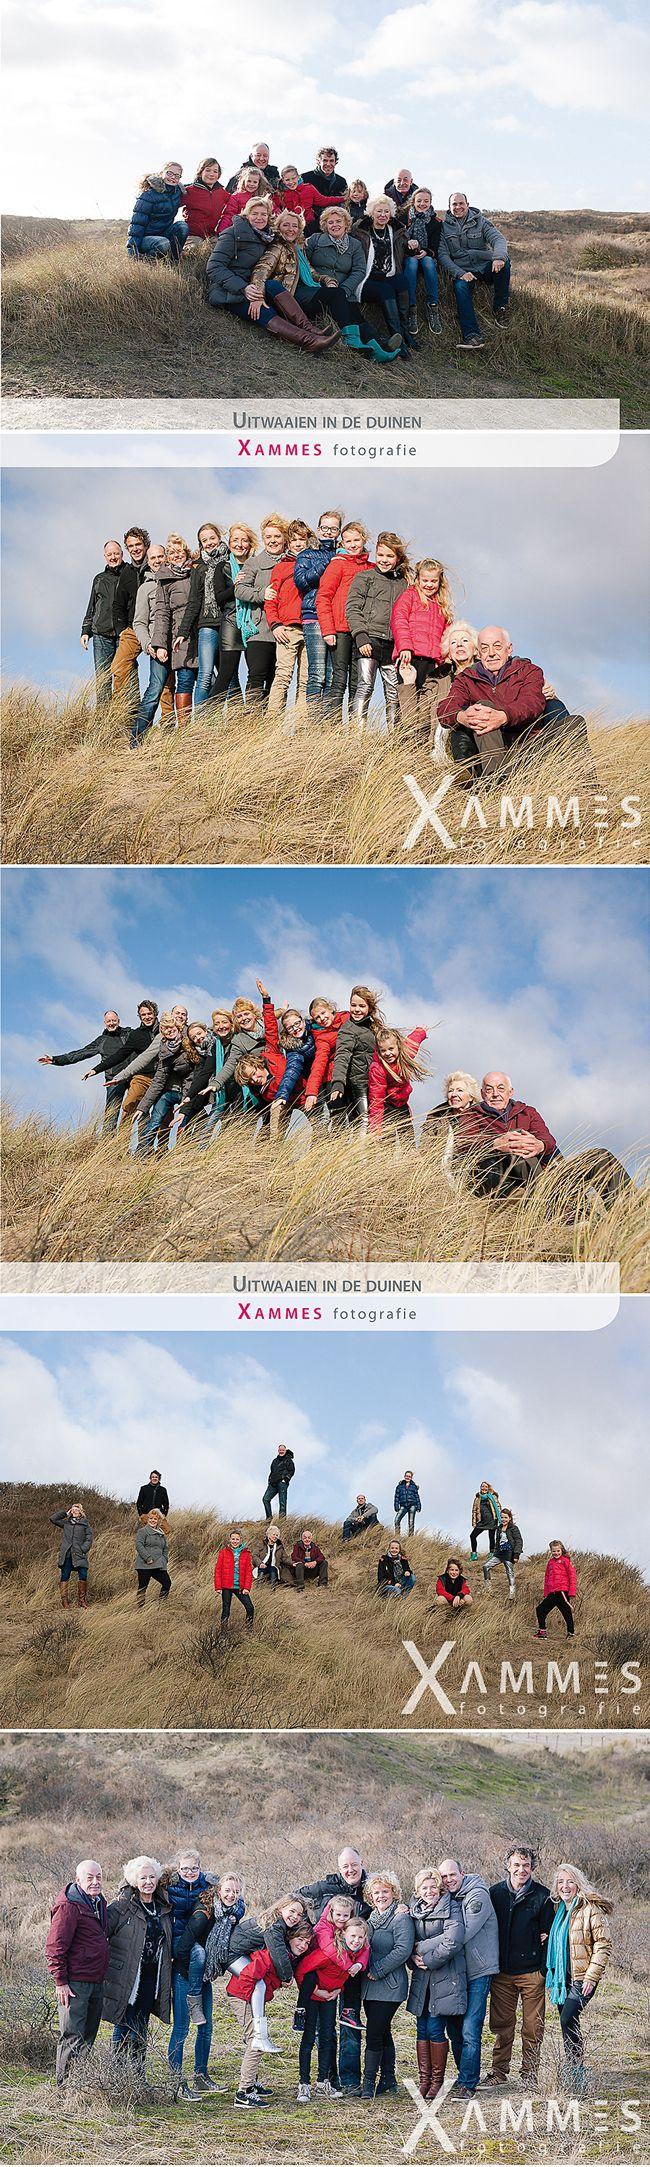 Groepsfotografie in de duinen, Xammes fotografie